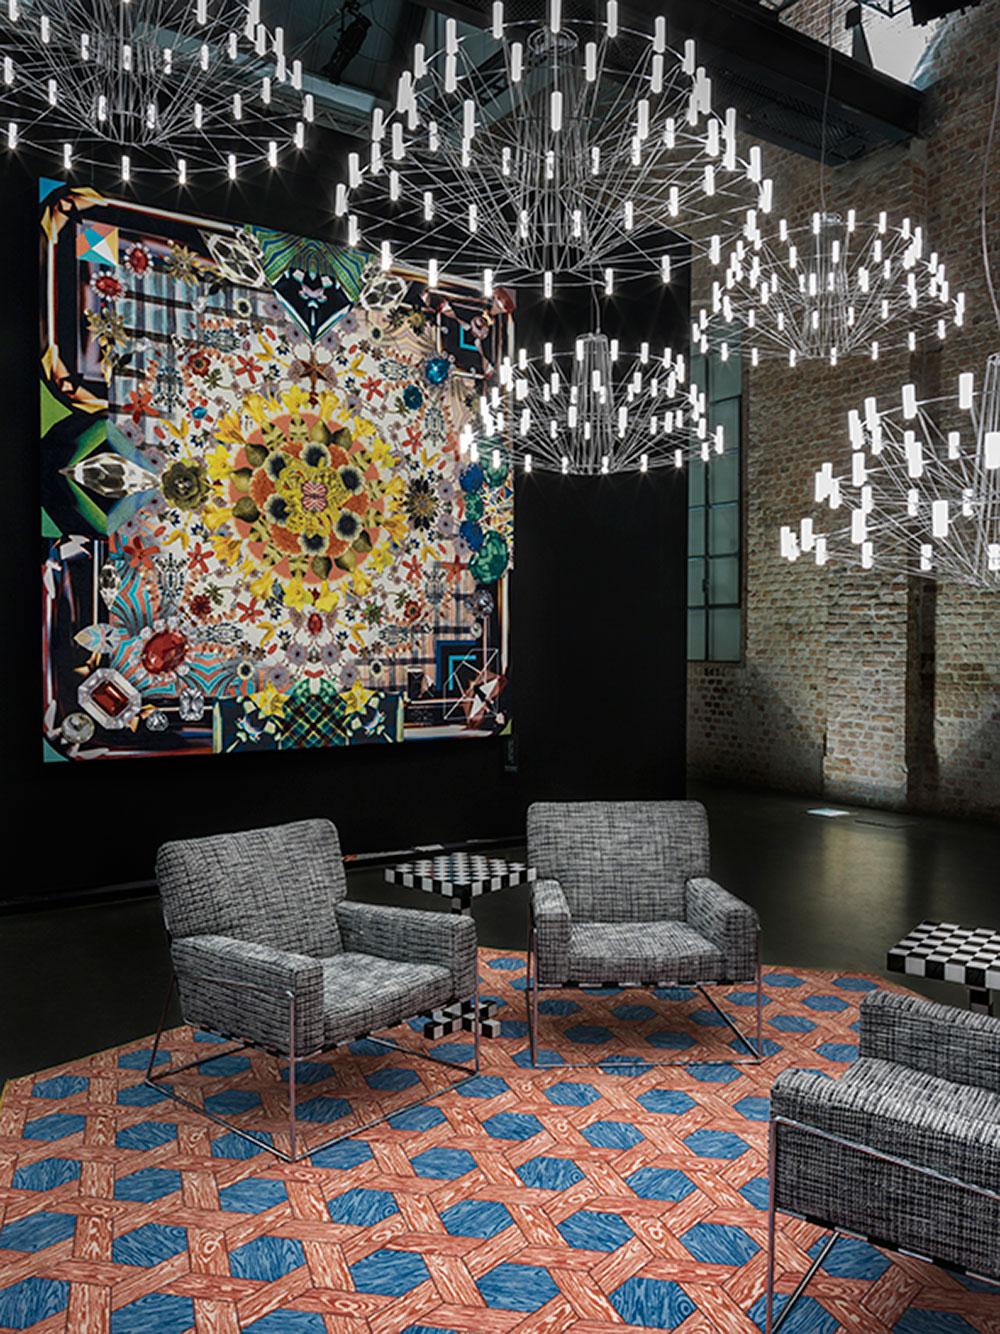 מנורות Coppélia בעיצוב Arihiro Miyake, על הקיר השטיח Jewels Garden בעיצוב בית כריסטיאן לקרואה, על הרצפה  Hexagon Red / Blue בעיצוב סטודיו יוב, ועליו כורסאות צ'ארלס